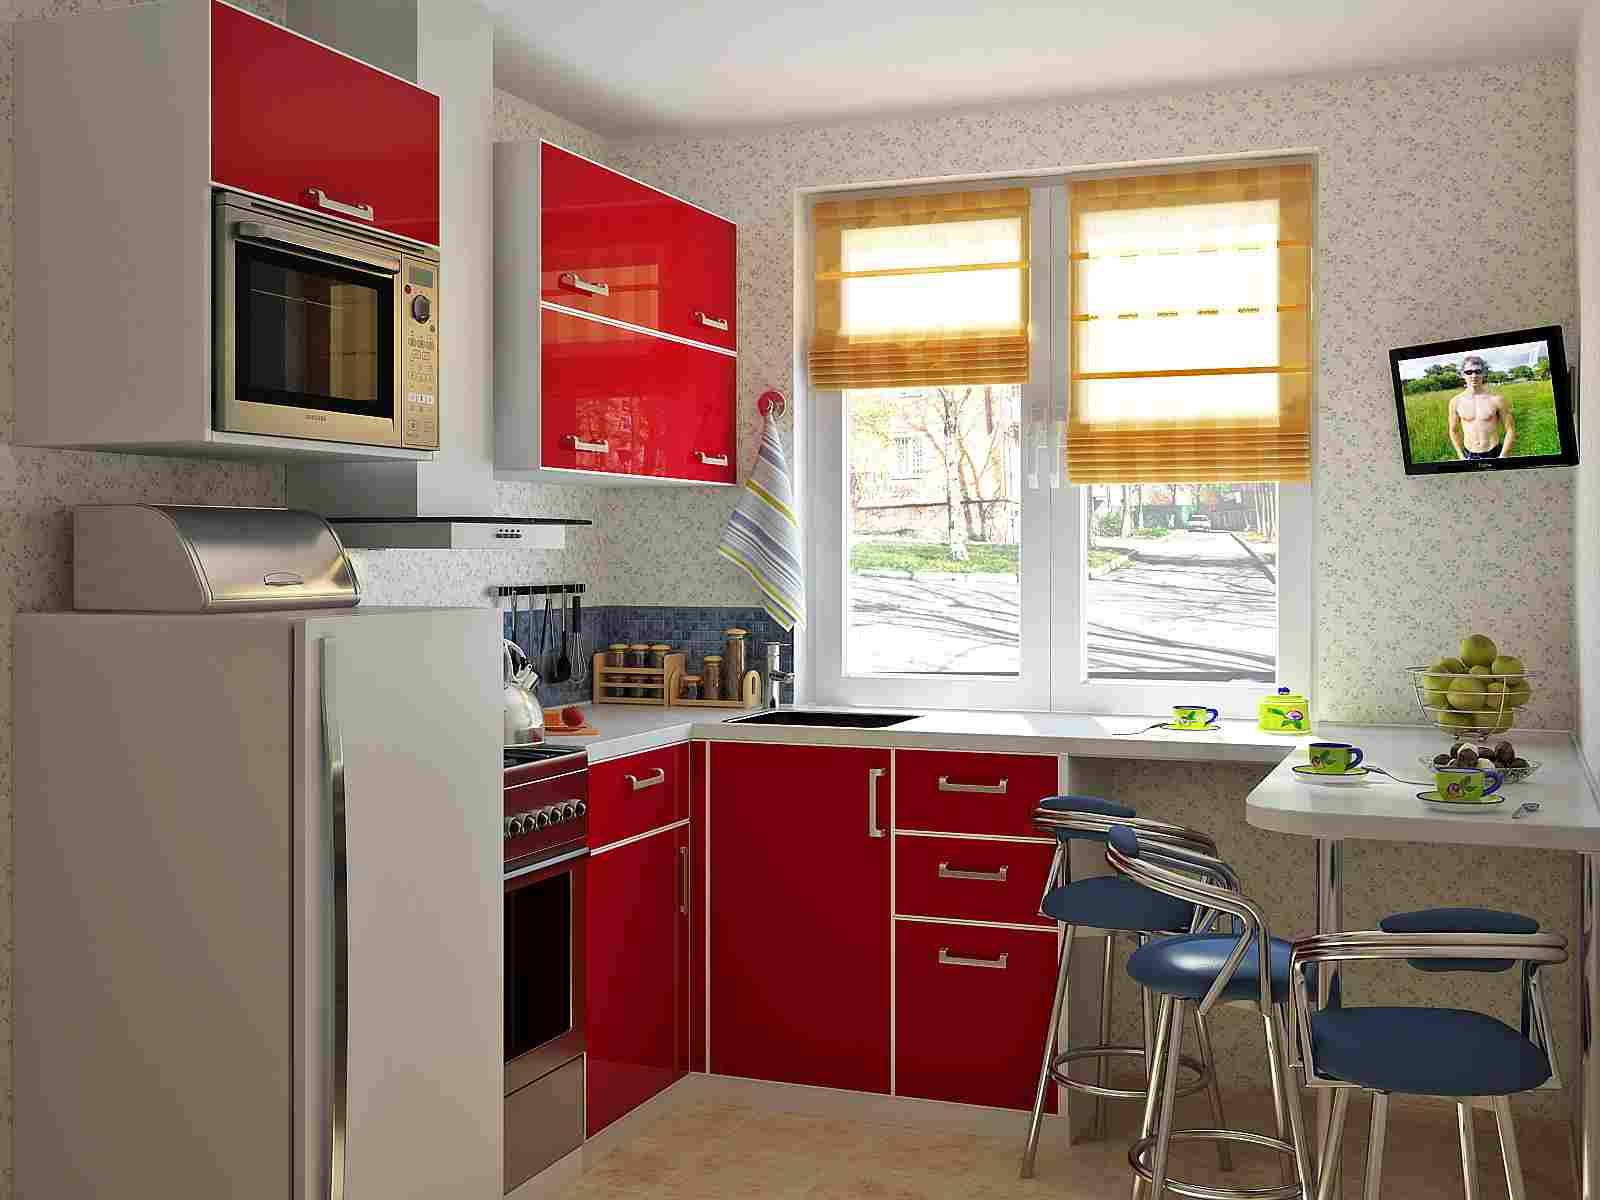 Современный кухонный гарнитур П-образной формы